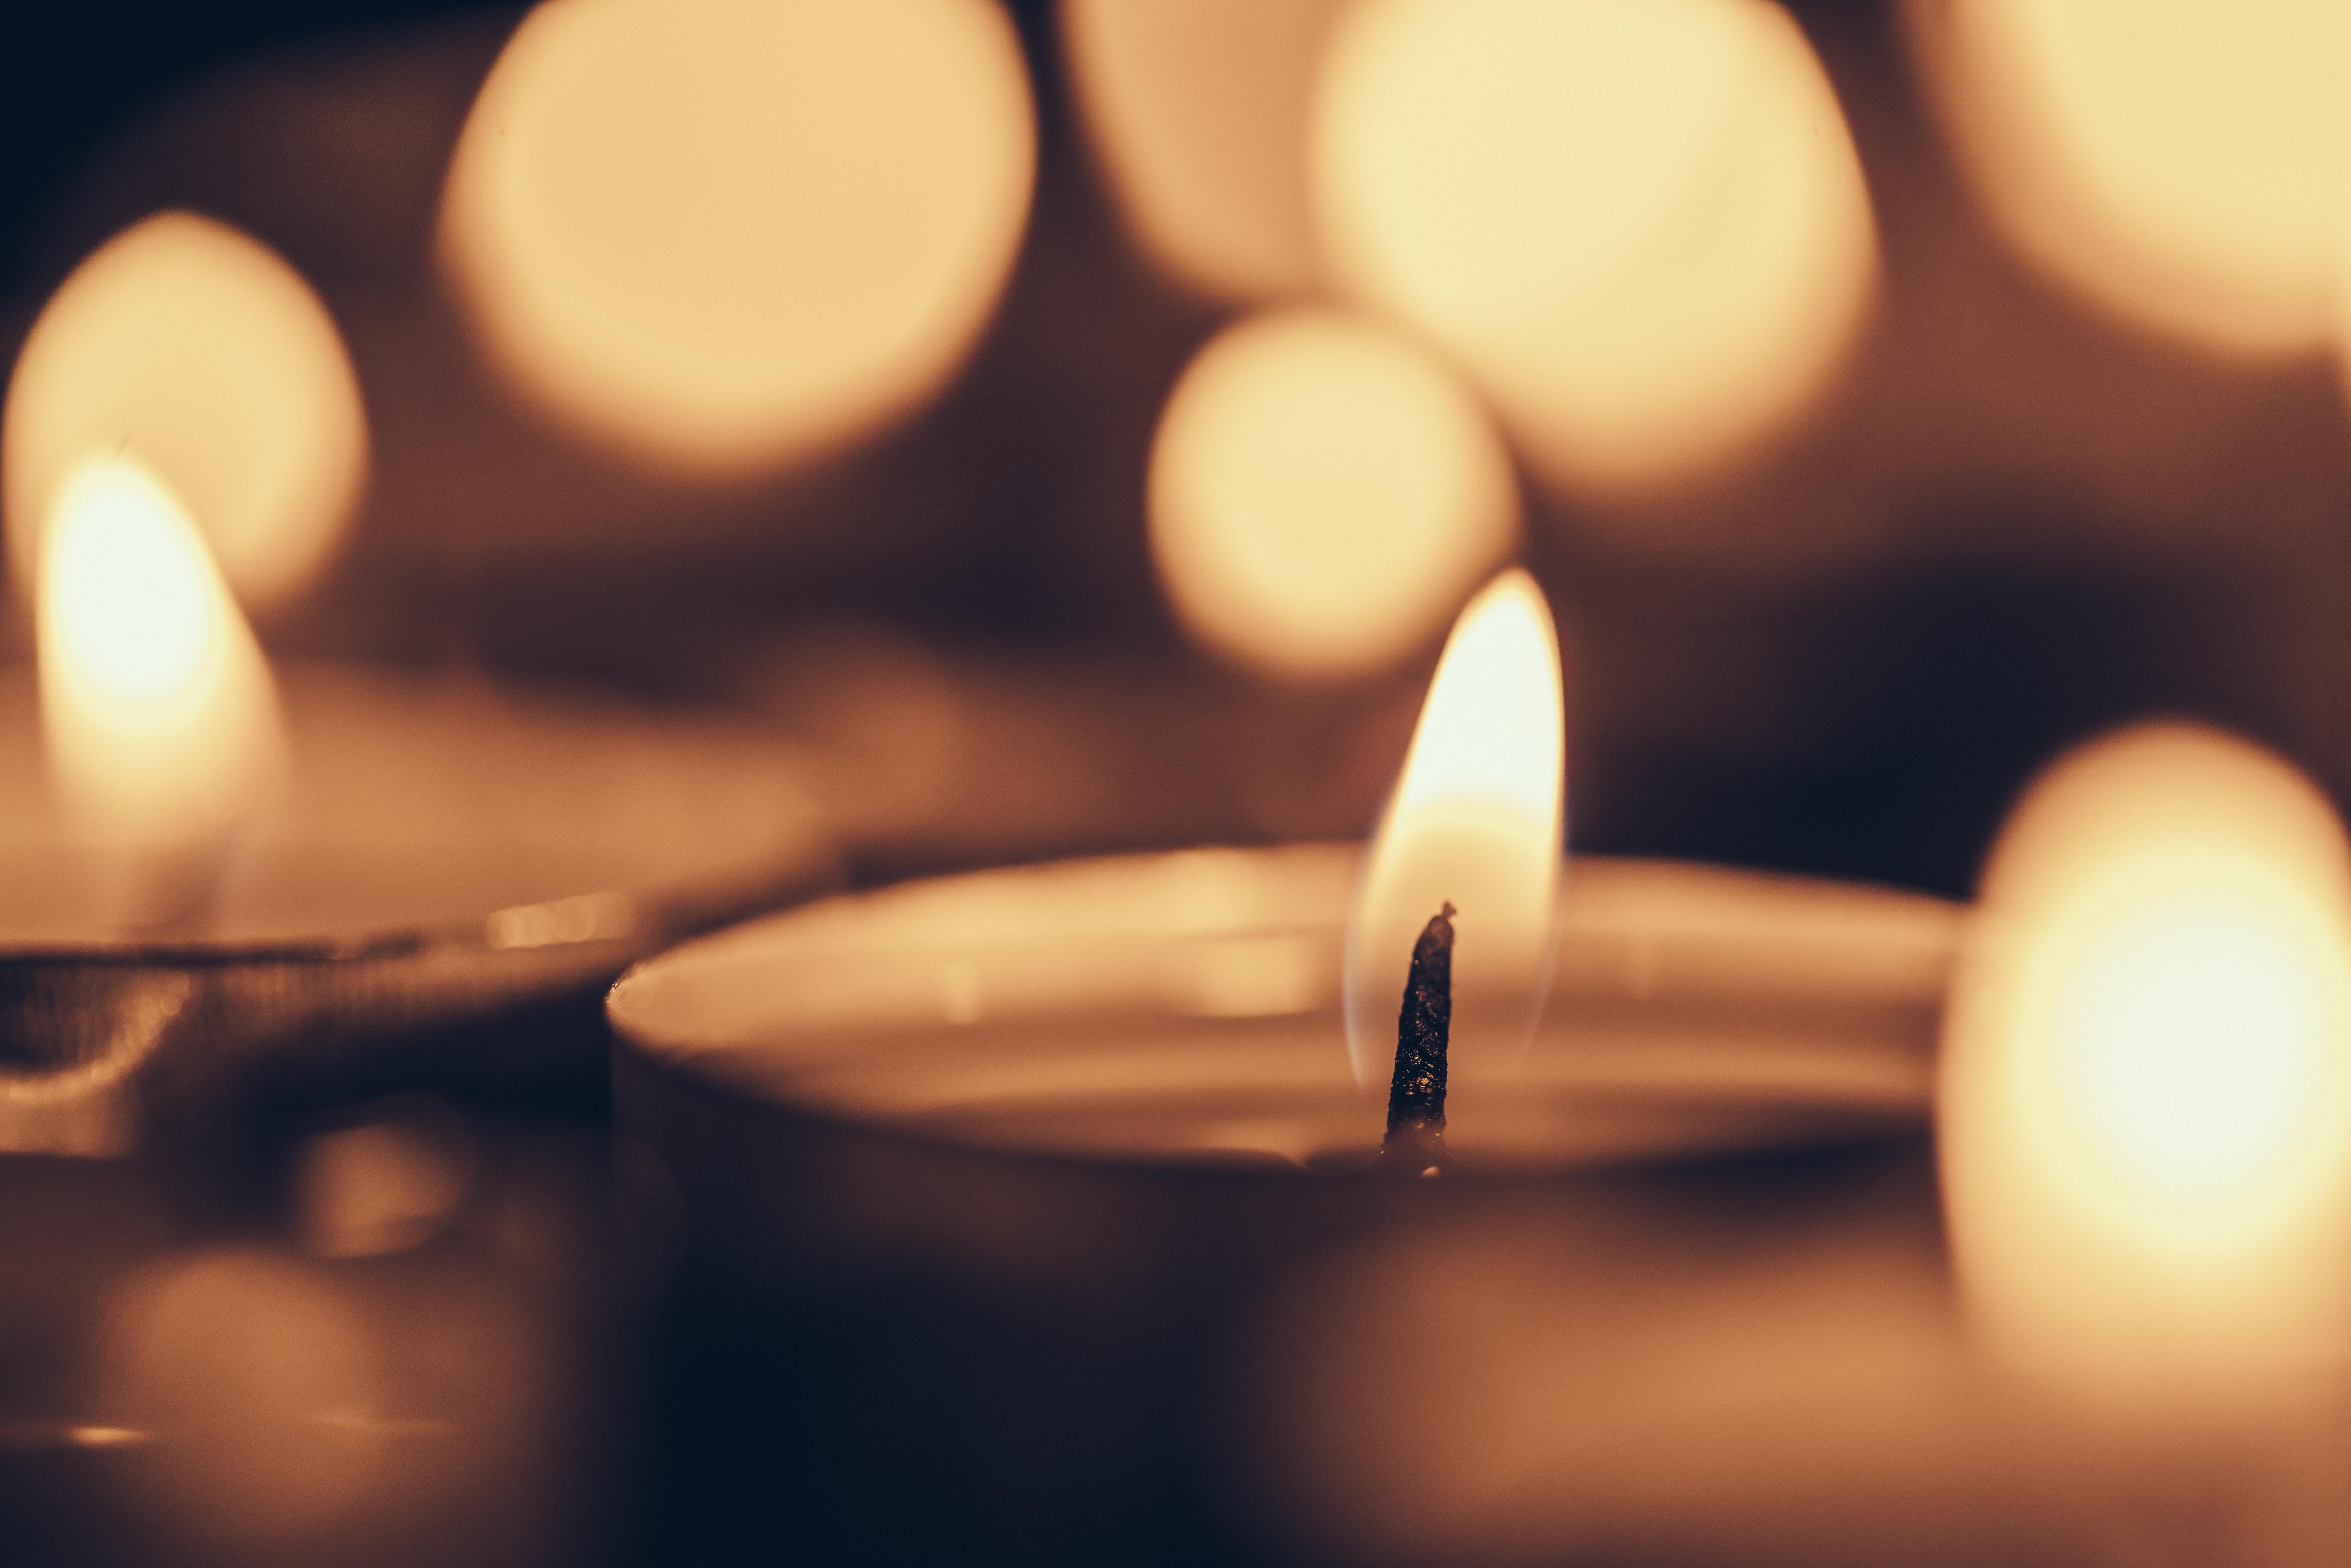 Recoge agua curativa dentro de una catedral y ponle una vela al patrón de Rusia - Rusia Circuito Rusia Clásica y Helsinki